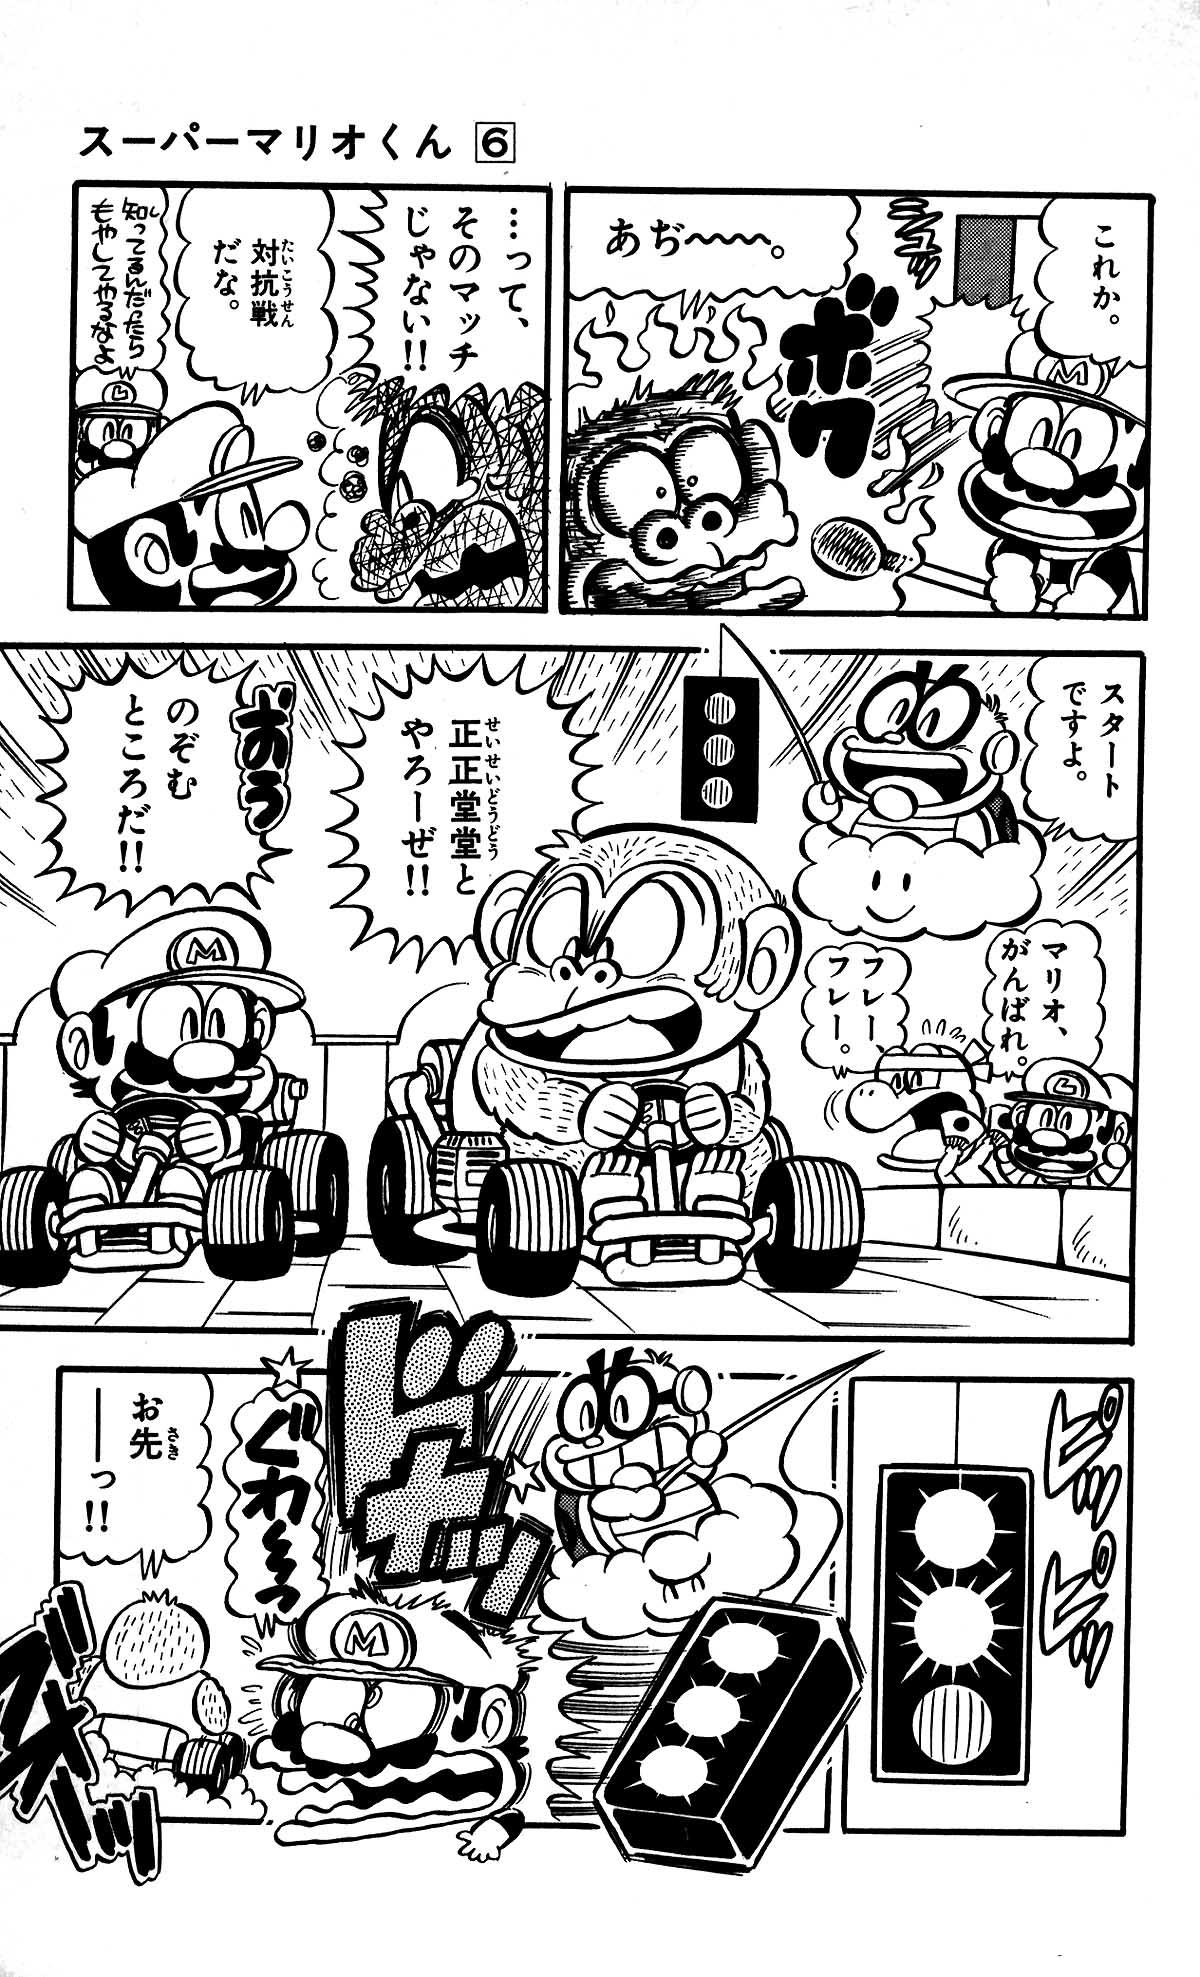 Donkey Kong Jr. (personaje) | Super Mario Wiki | FANDOM powered by Wikia